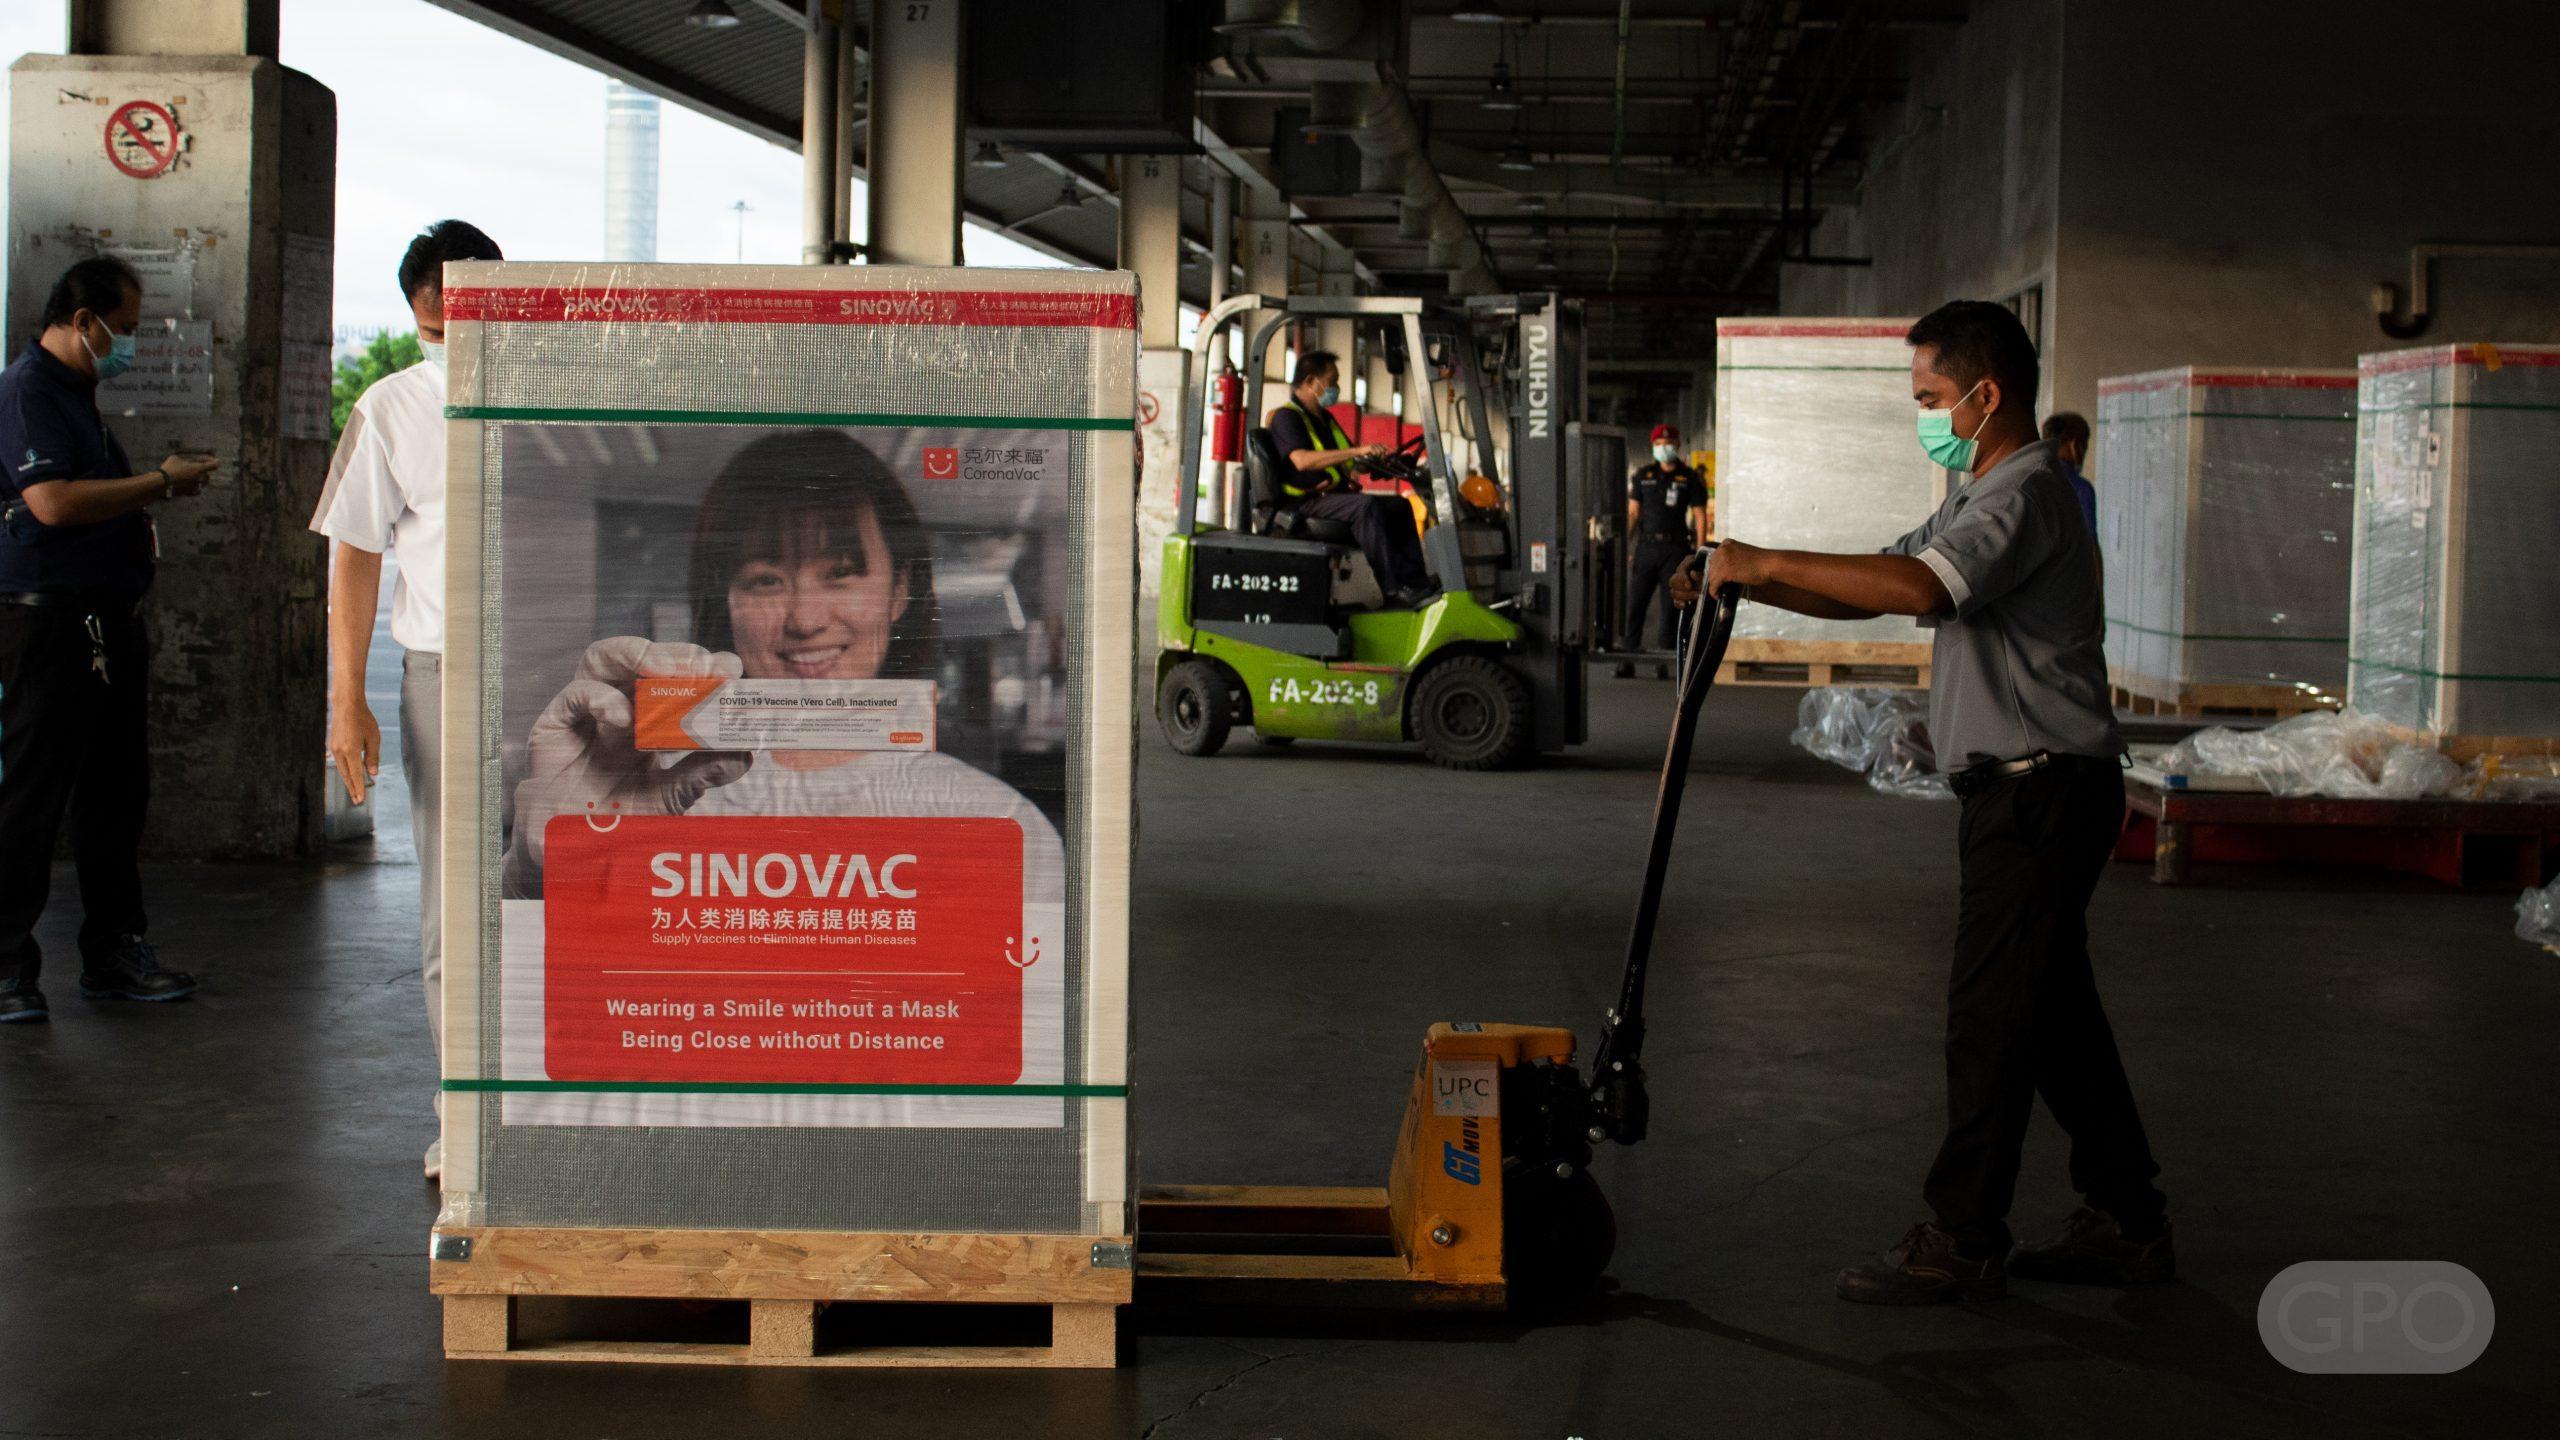 ซิโนแวค ถึงไทยแล้วอีก 5 แสนโดส ปลาย พ.ค. นี้ เข้ามาอีก 1.5 ล้านโดส